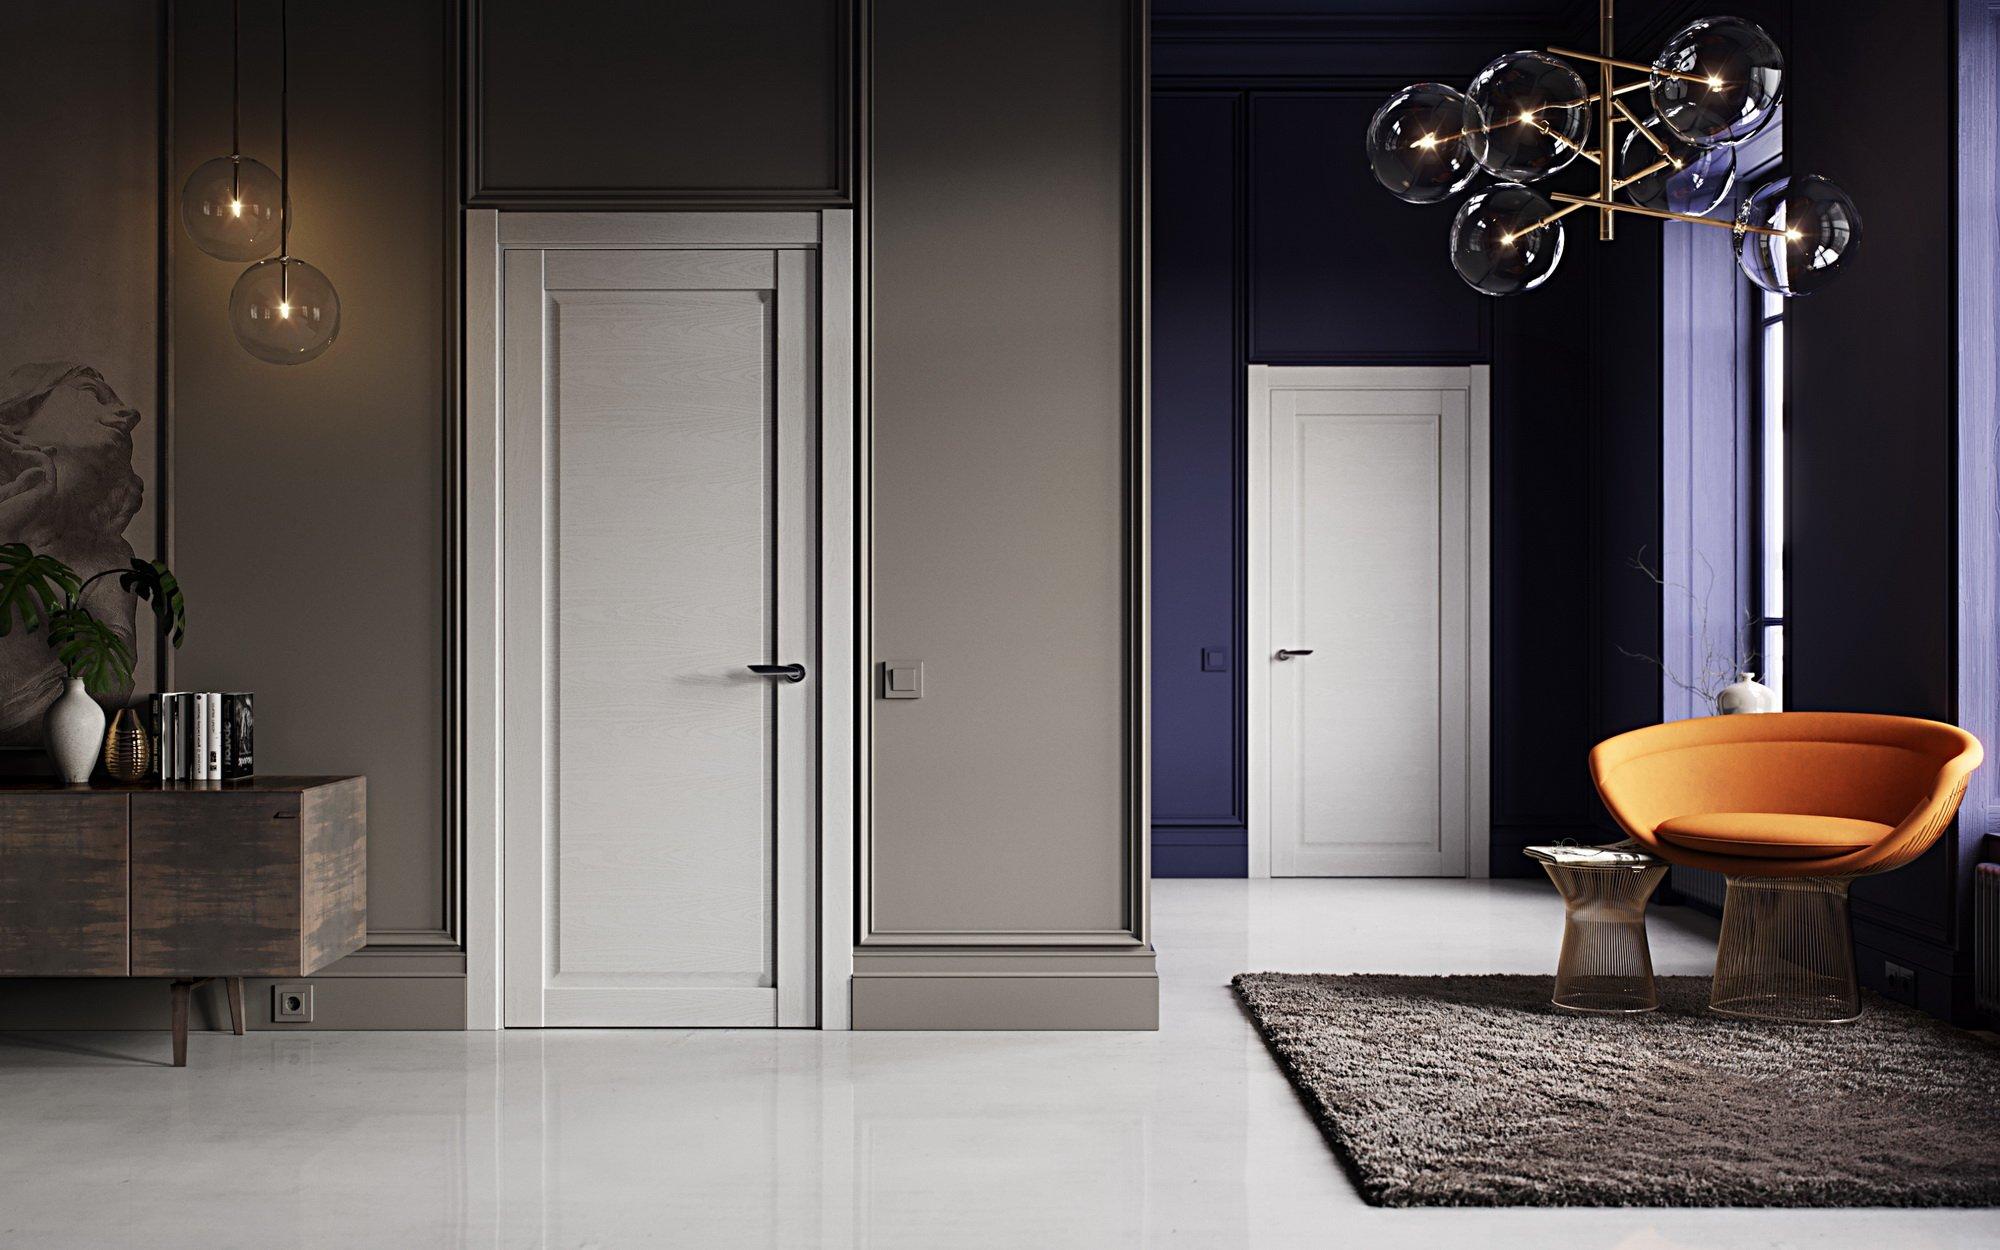 Сочетание светлых дверей и темных стен в интерьере